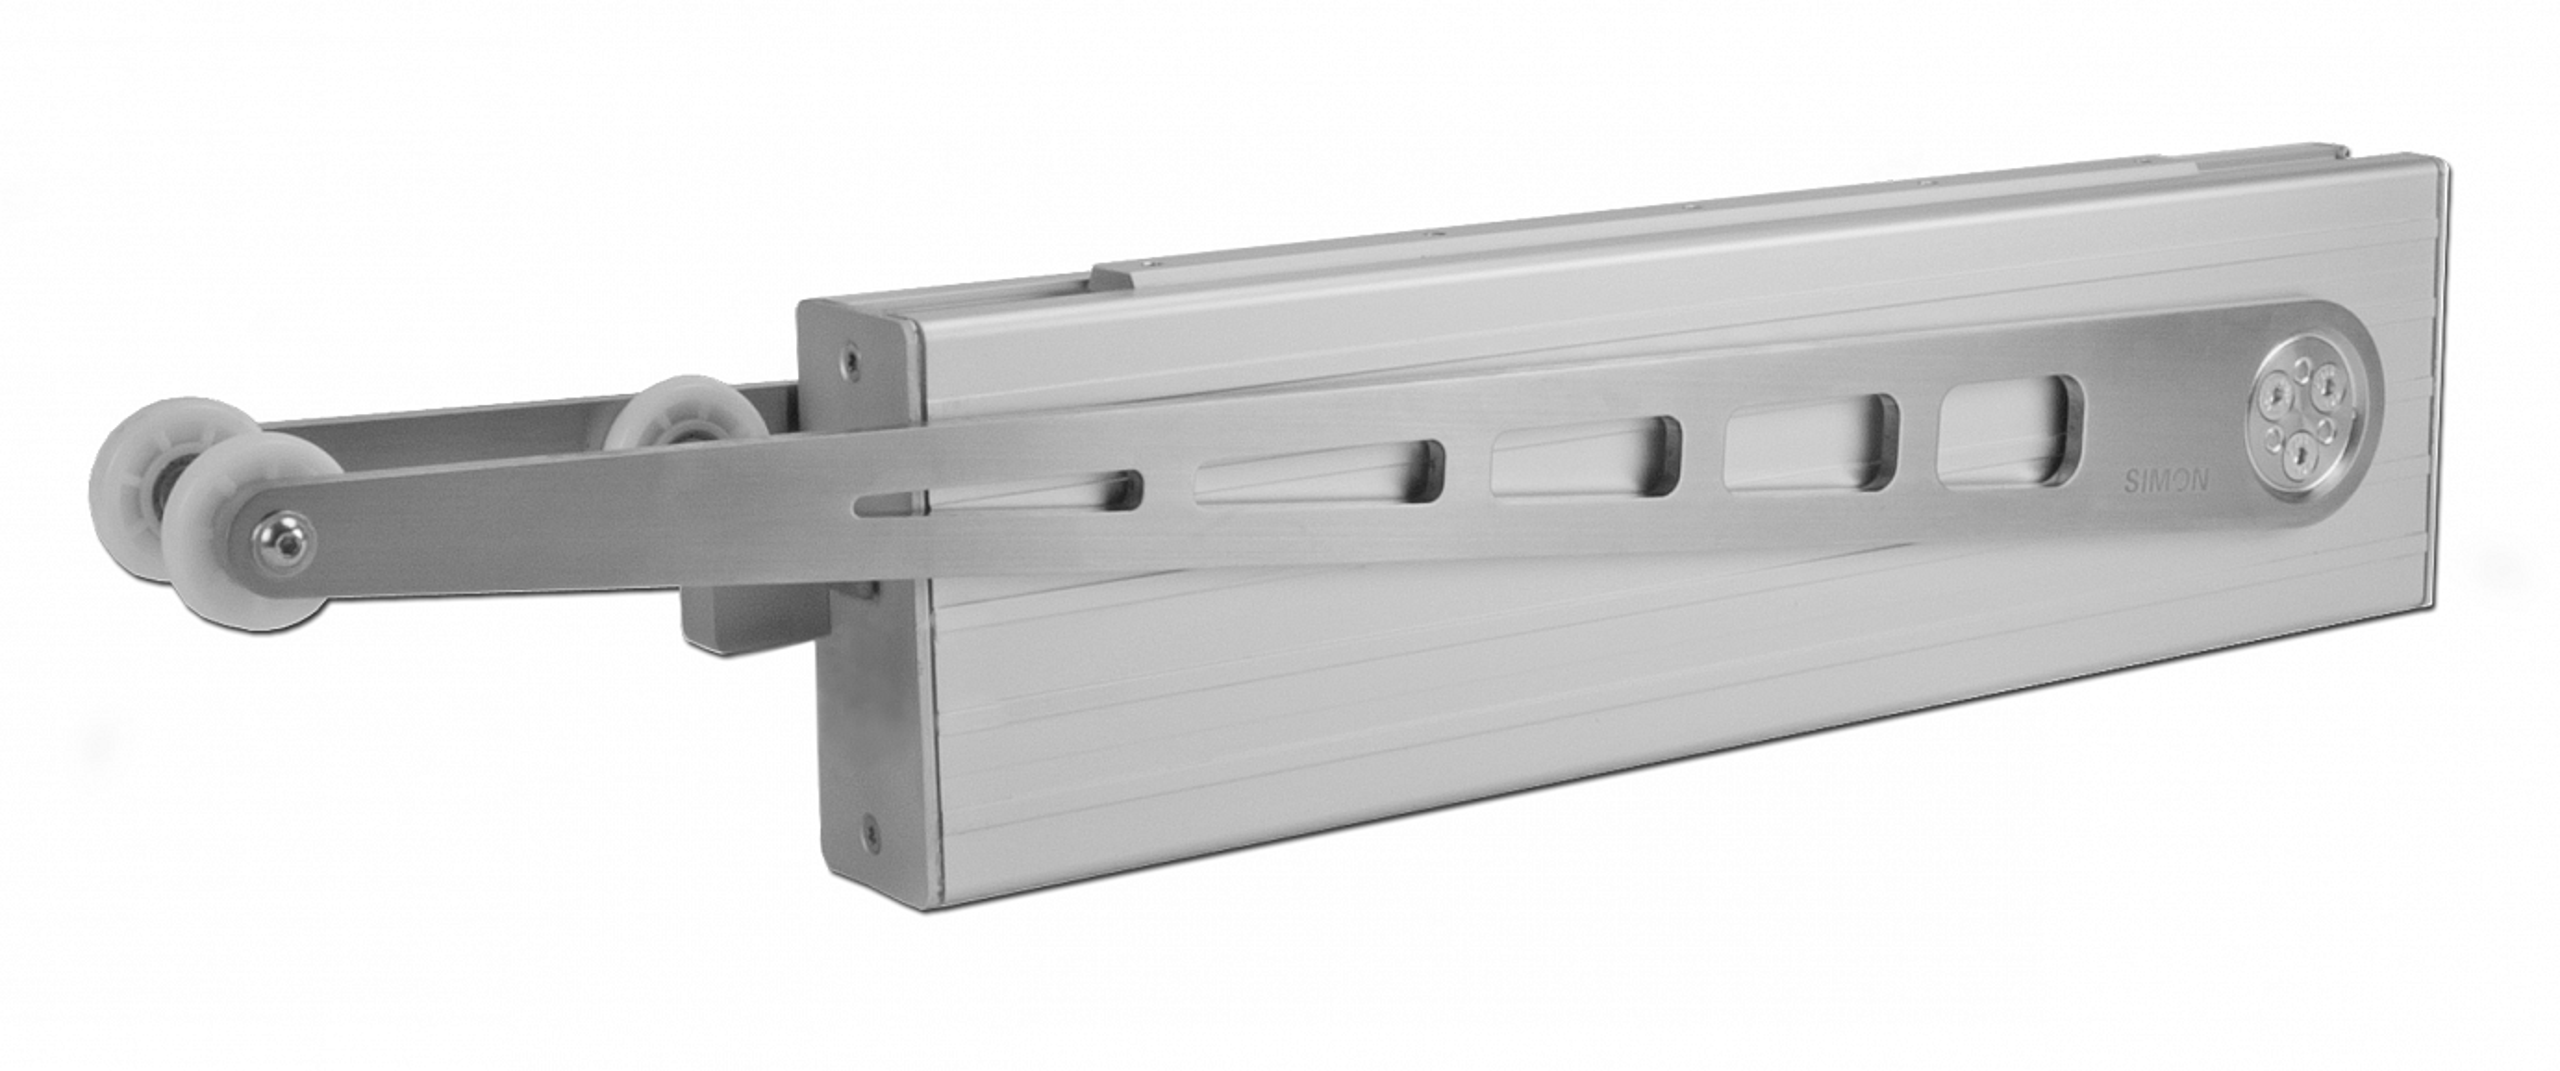 PA-KL²-T-80 Folding Arm² door opener